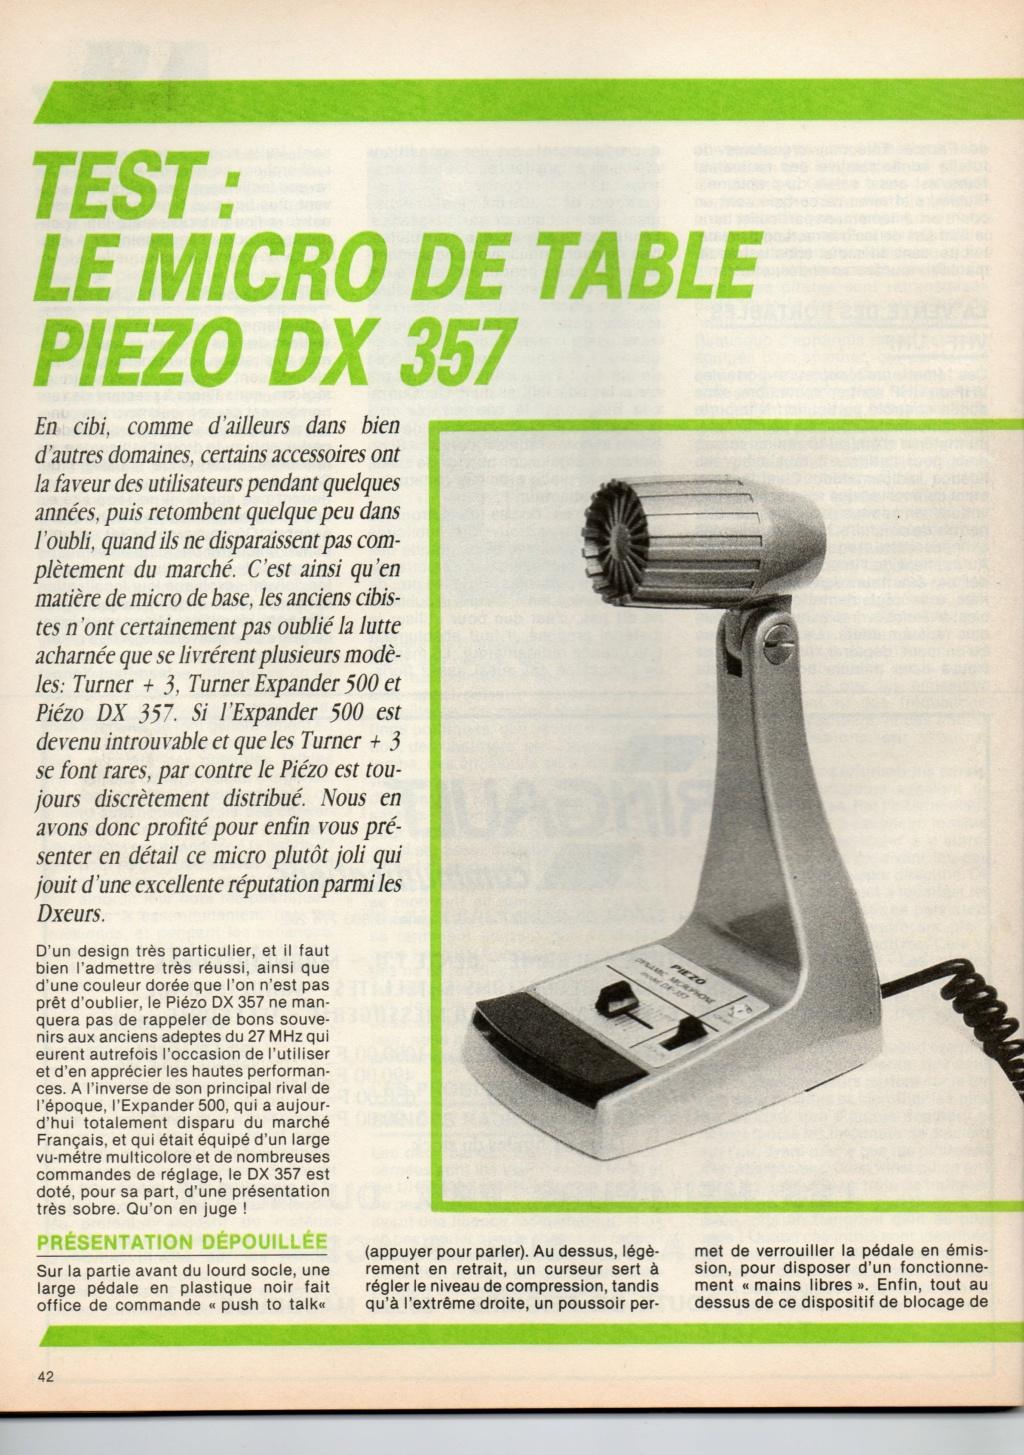 DX357 - PIEZO DX357 Img32710